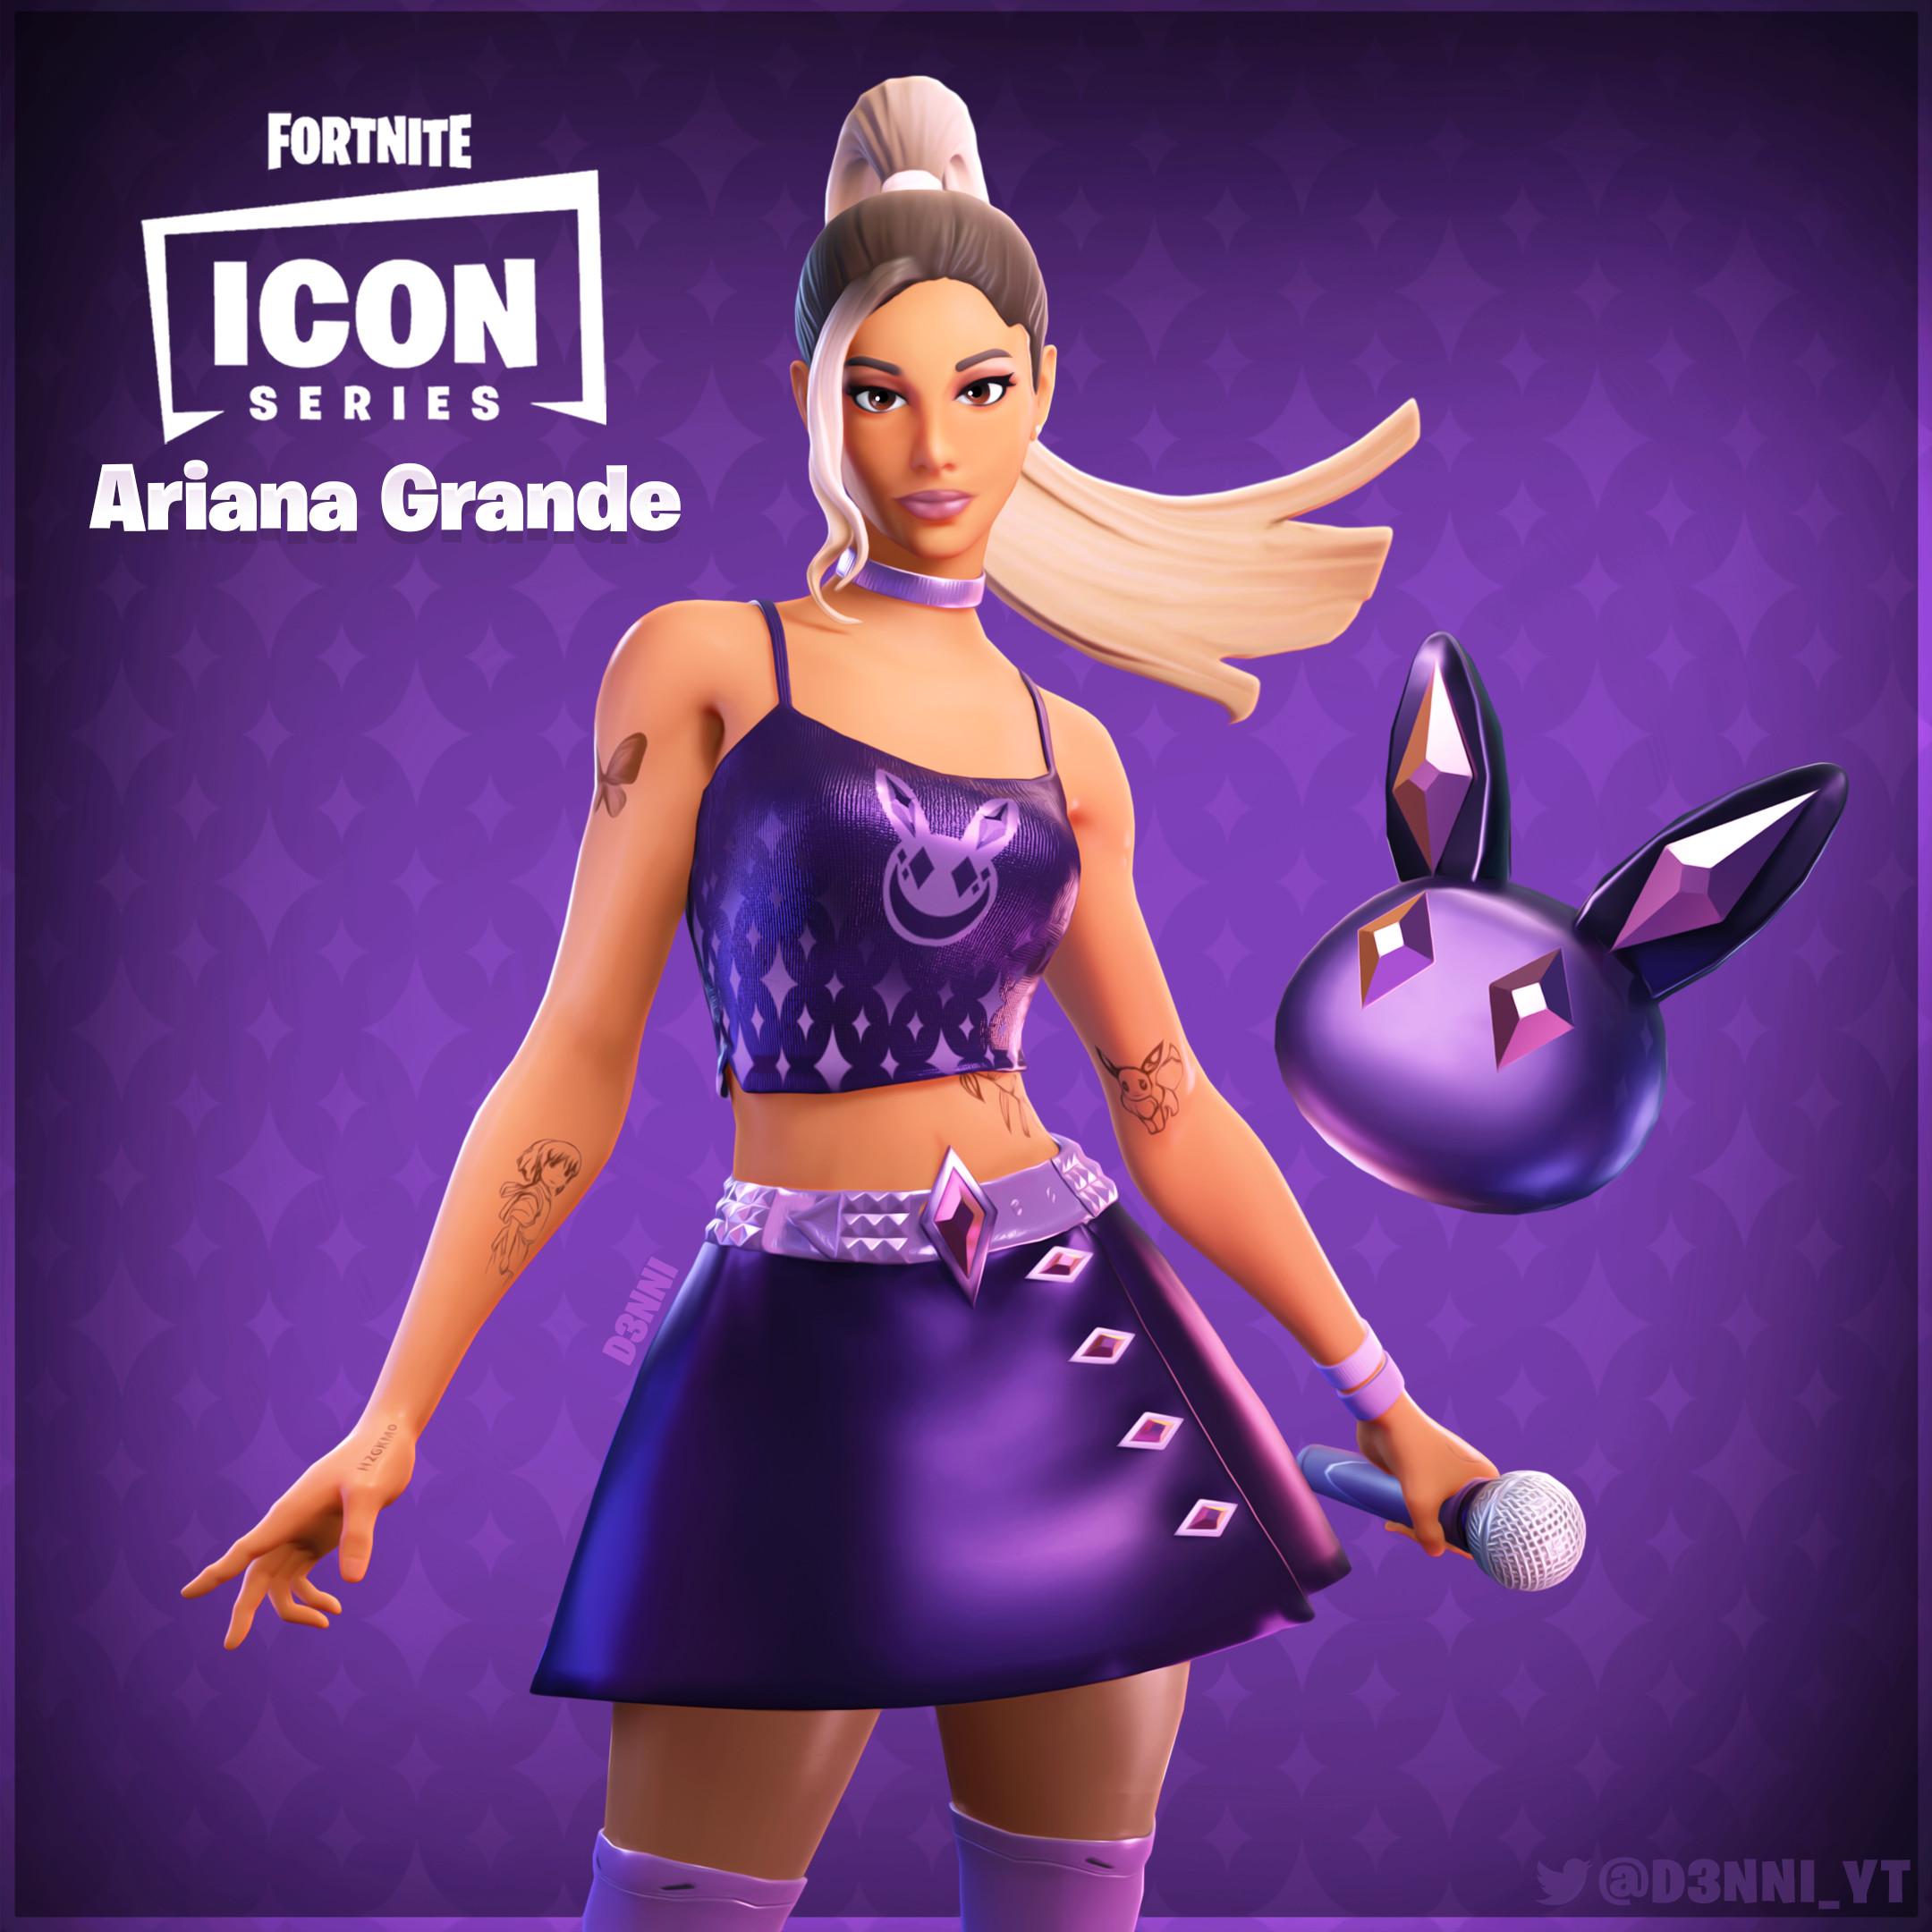 Fortnite Icon Skin D3nni Fortnite Skin Concept Ariana Grande Icon Series